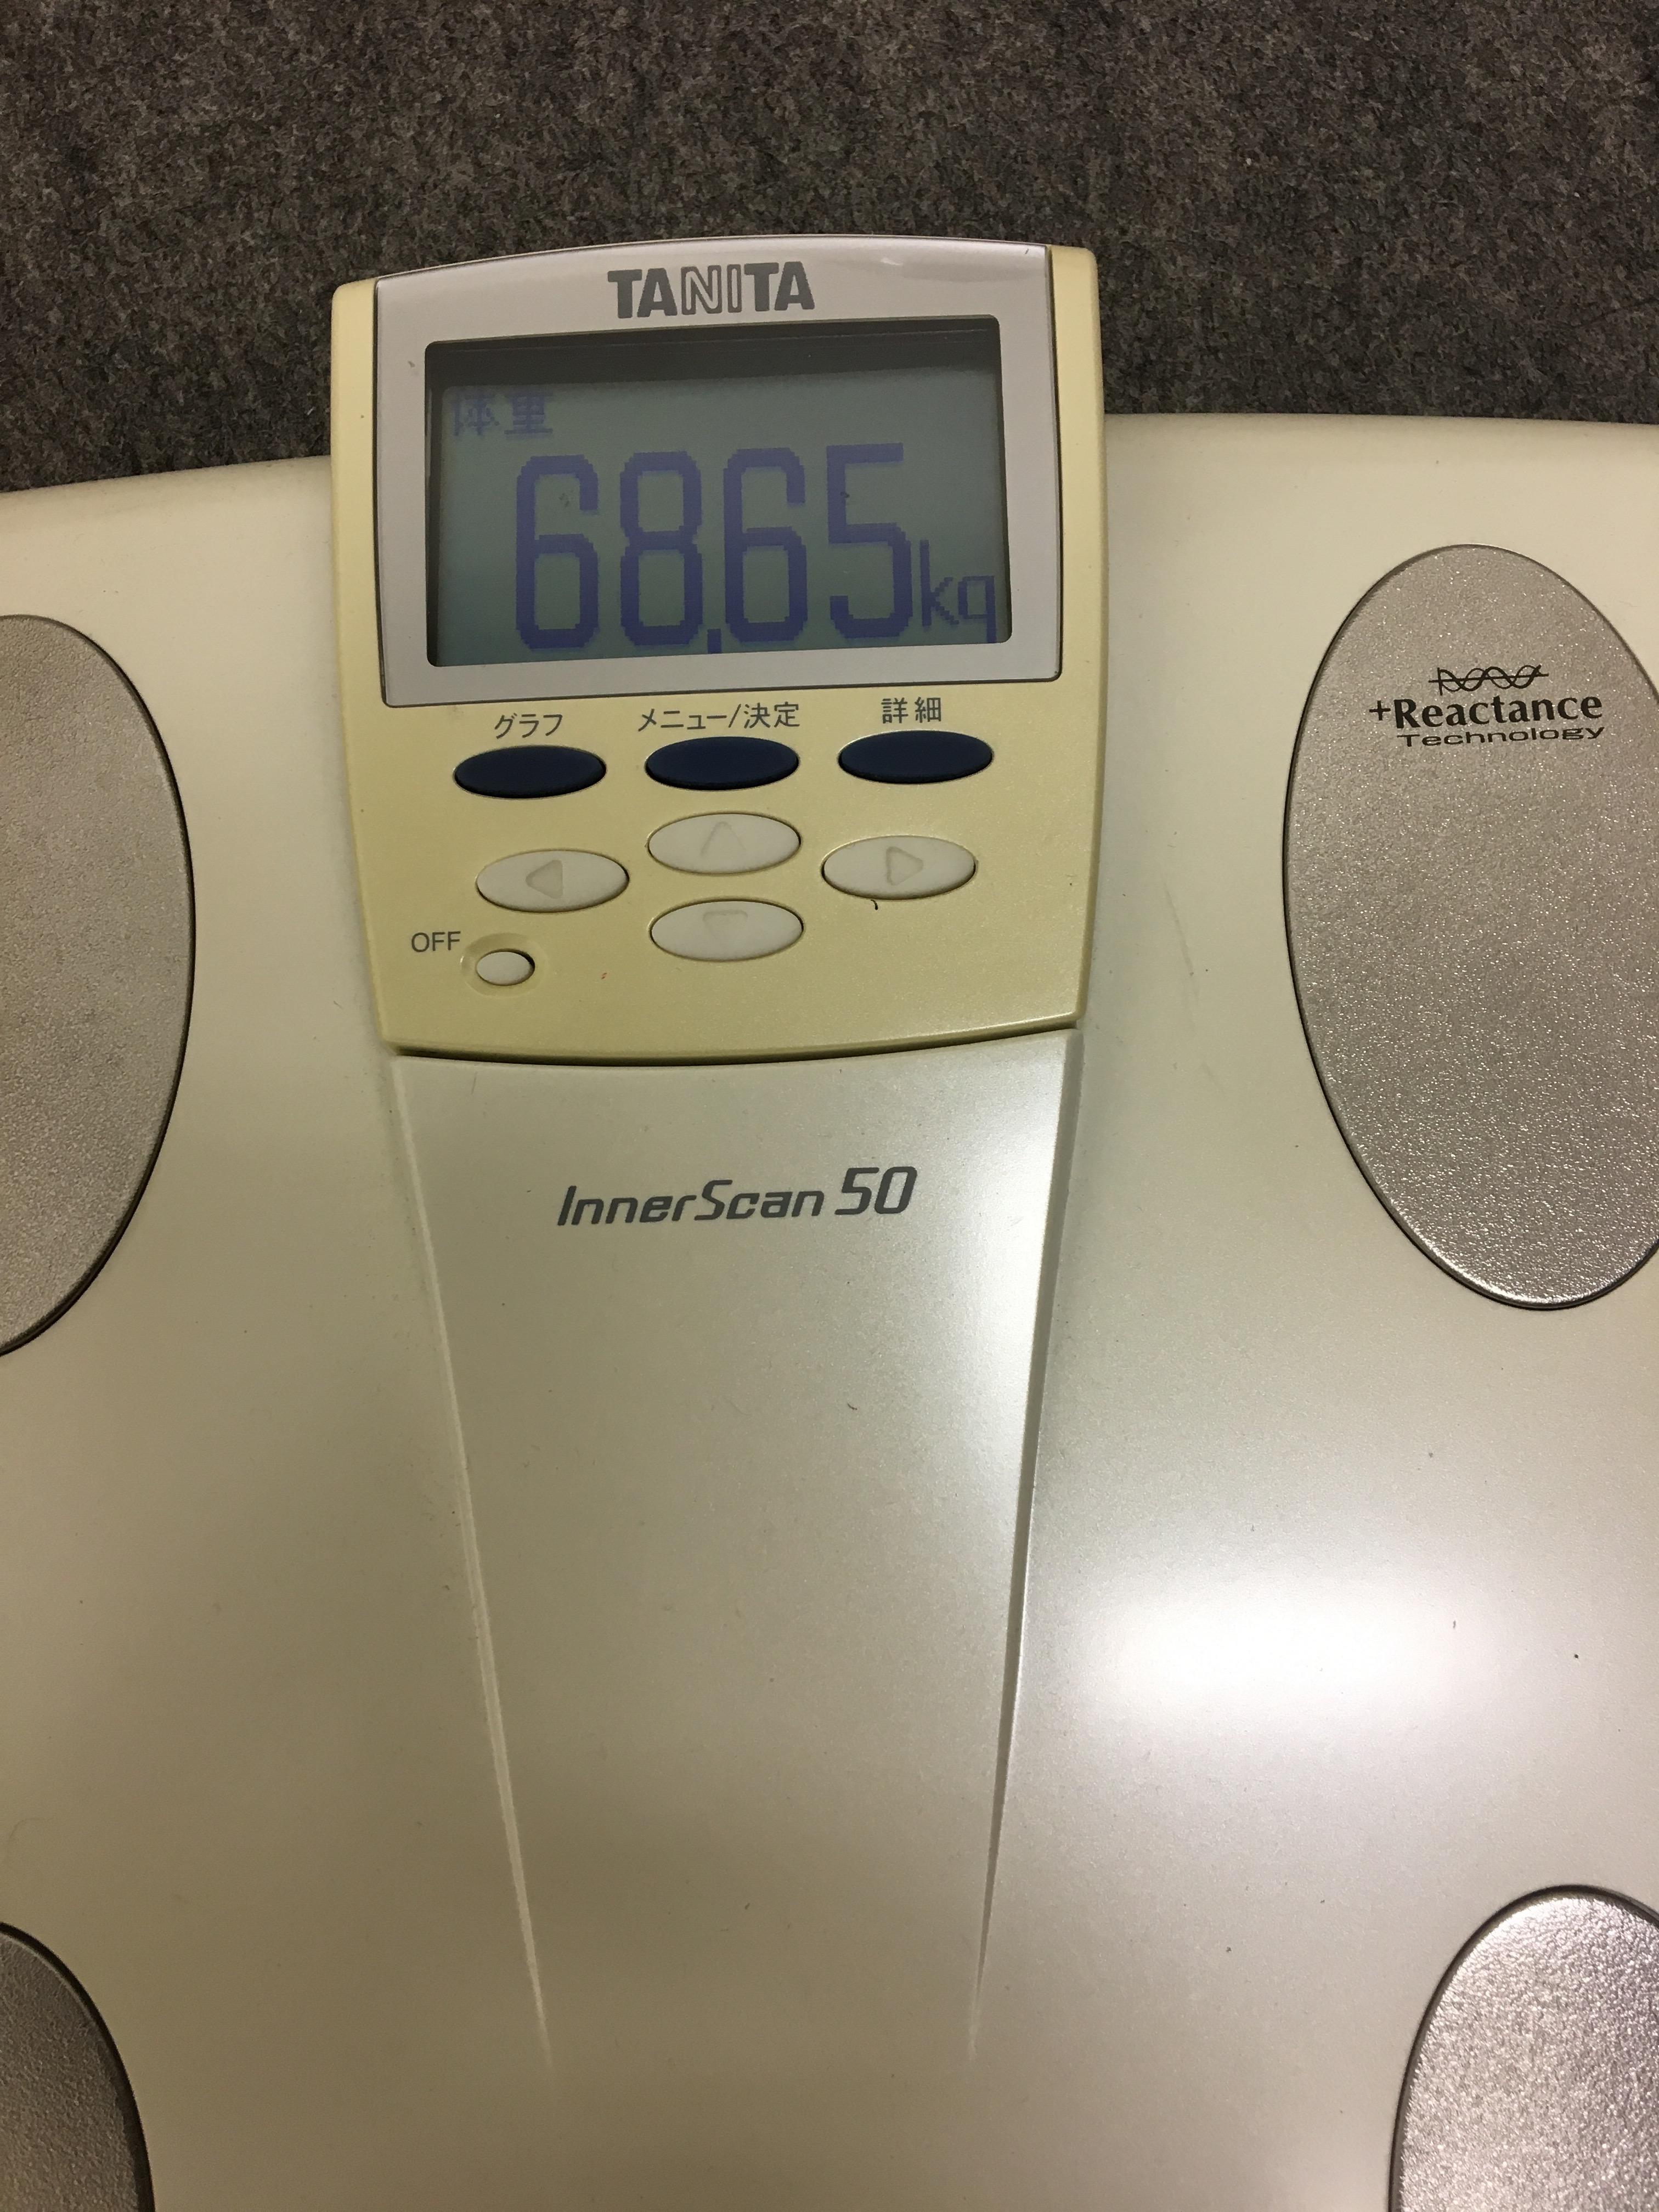 [ブログ]痩せるためにはやっぱり規則正しい生活。寝不足ではやはり太ると自分で実感。